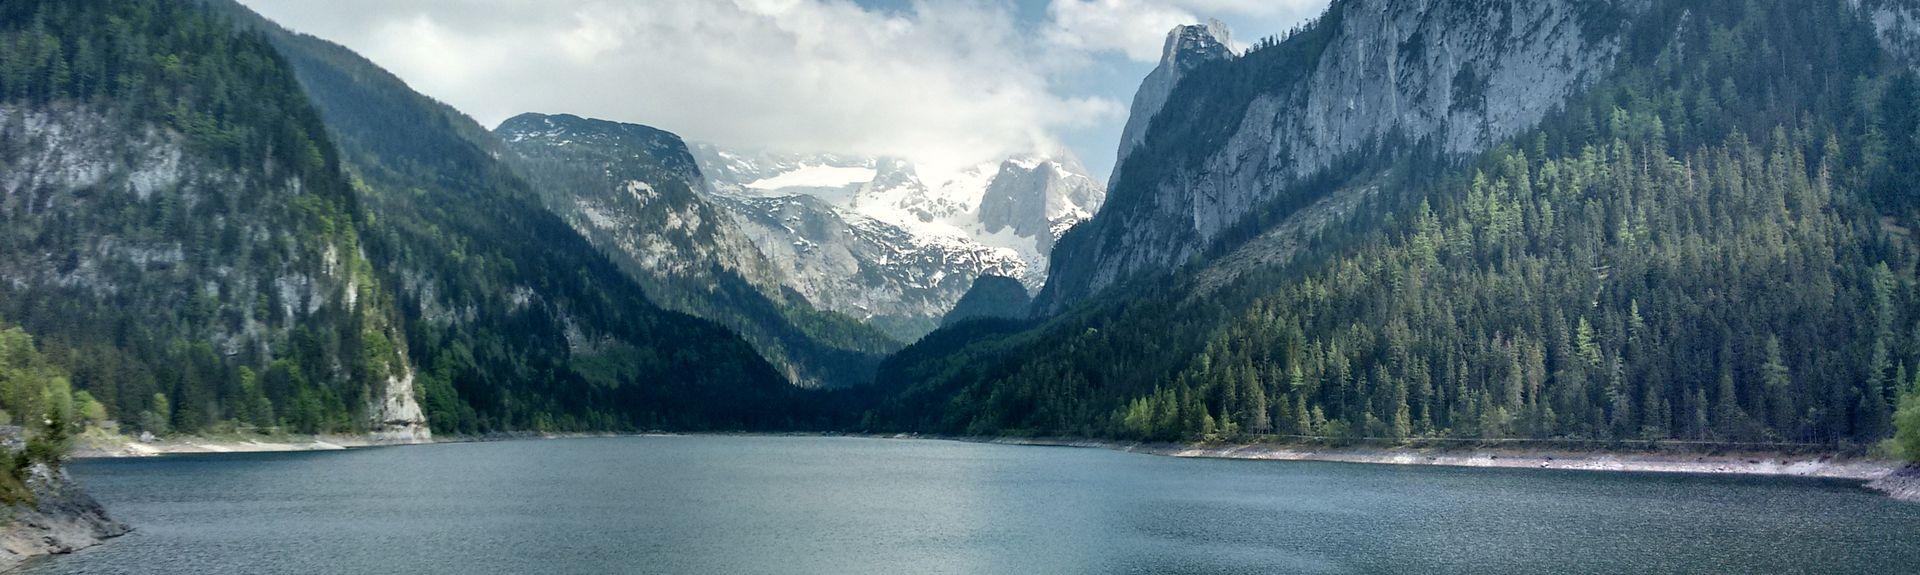 Έμπενζεε, Άνω Αυστρία, Αυστρία